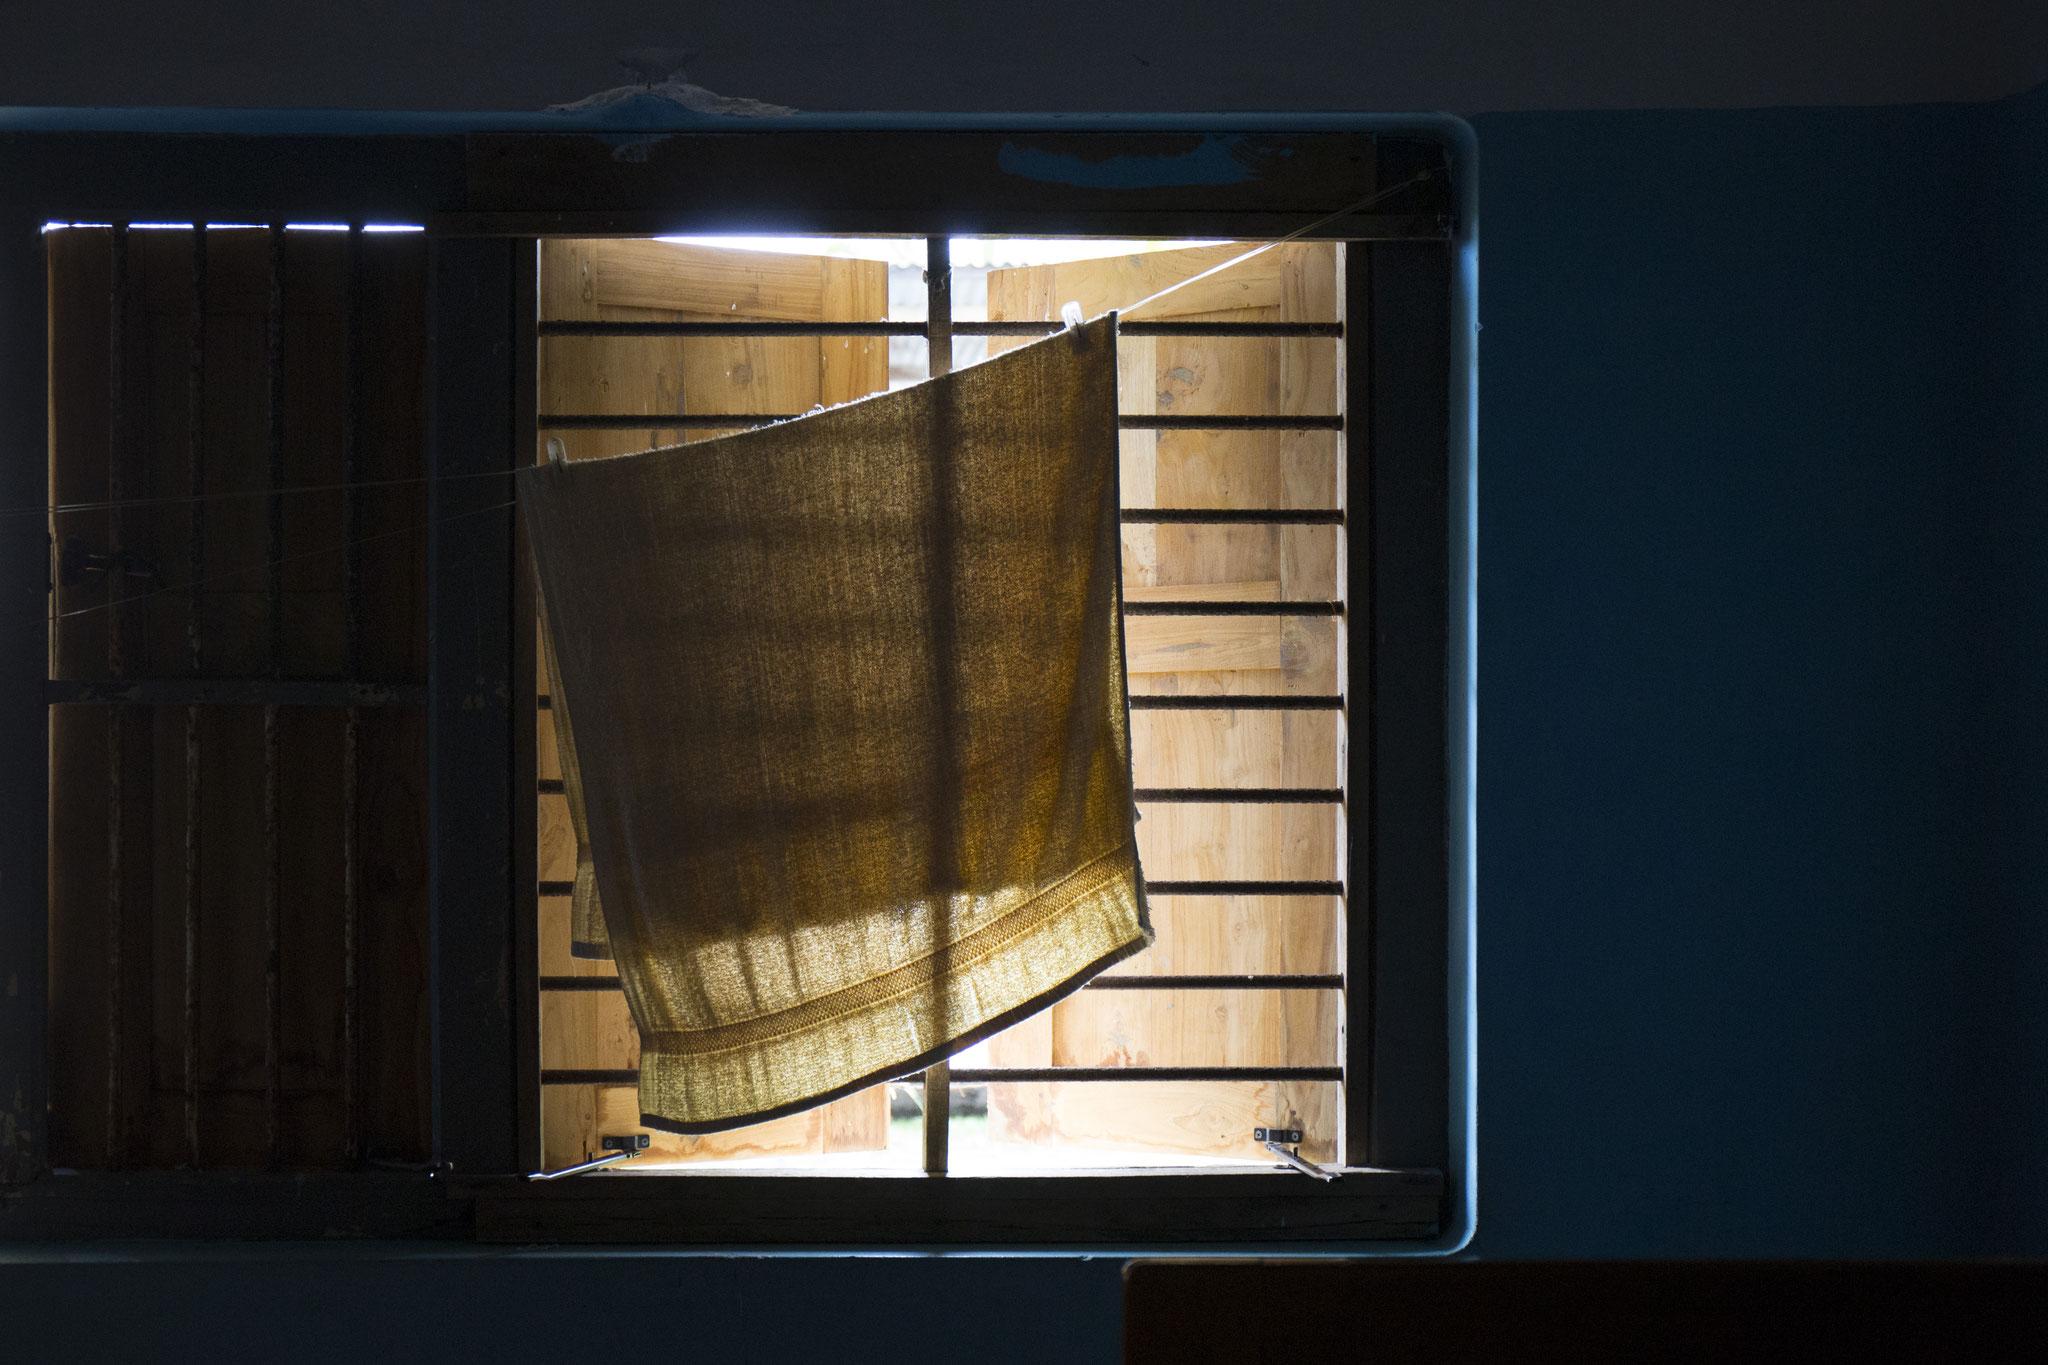 Ein Handtuch trocknet am Fenster. Zu Besuch bei Ammas Schwester, die in der Nachbarschaft wohnt. Mullaitivu, 2018